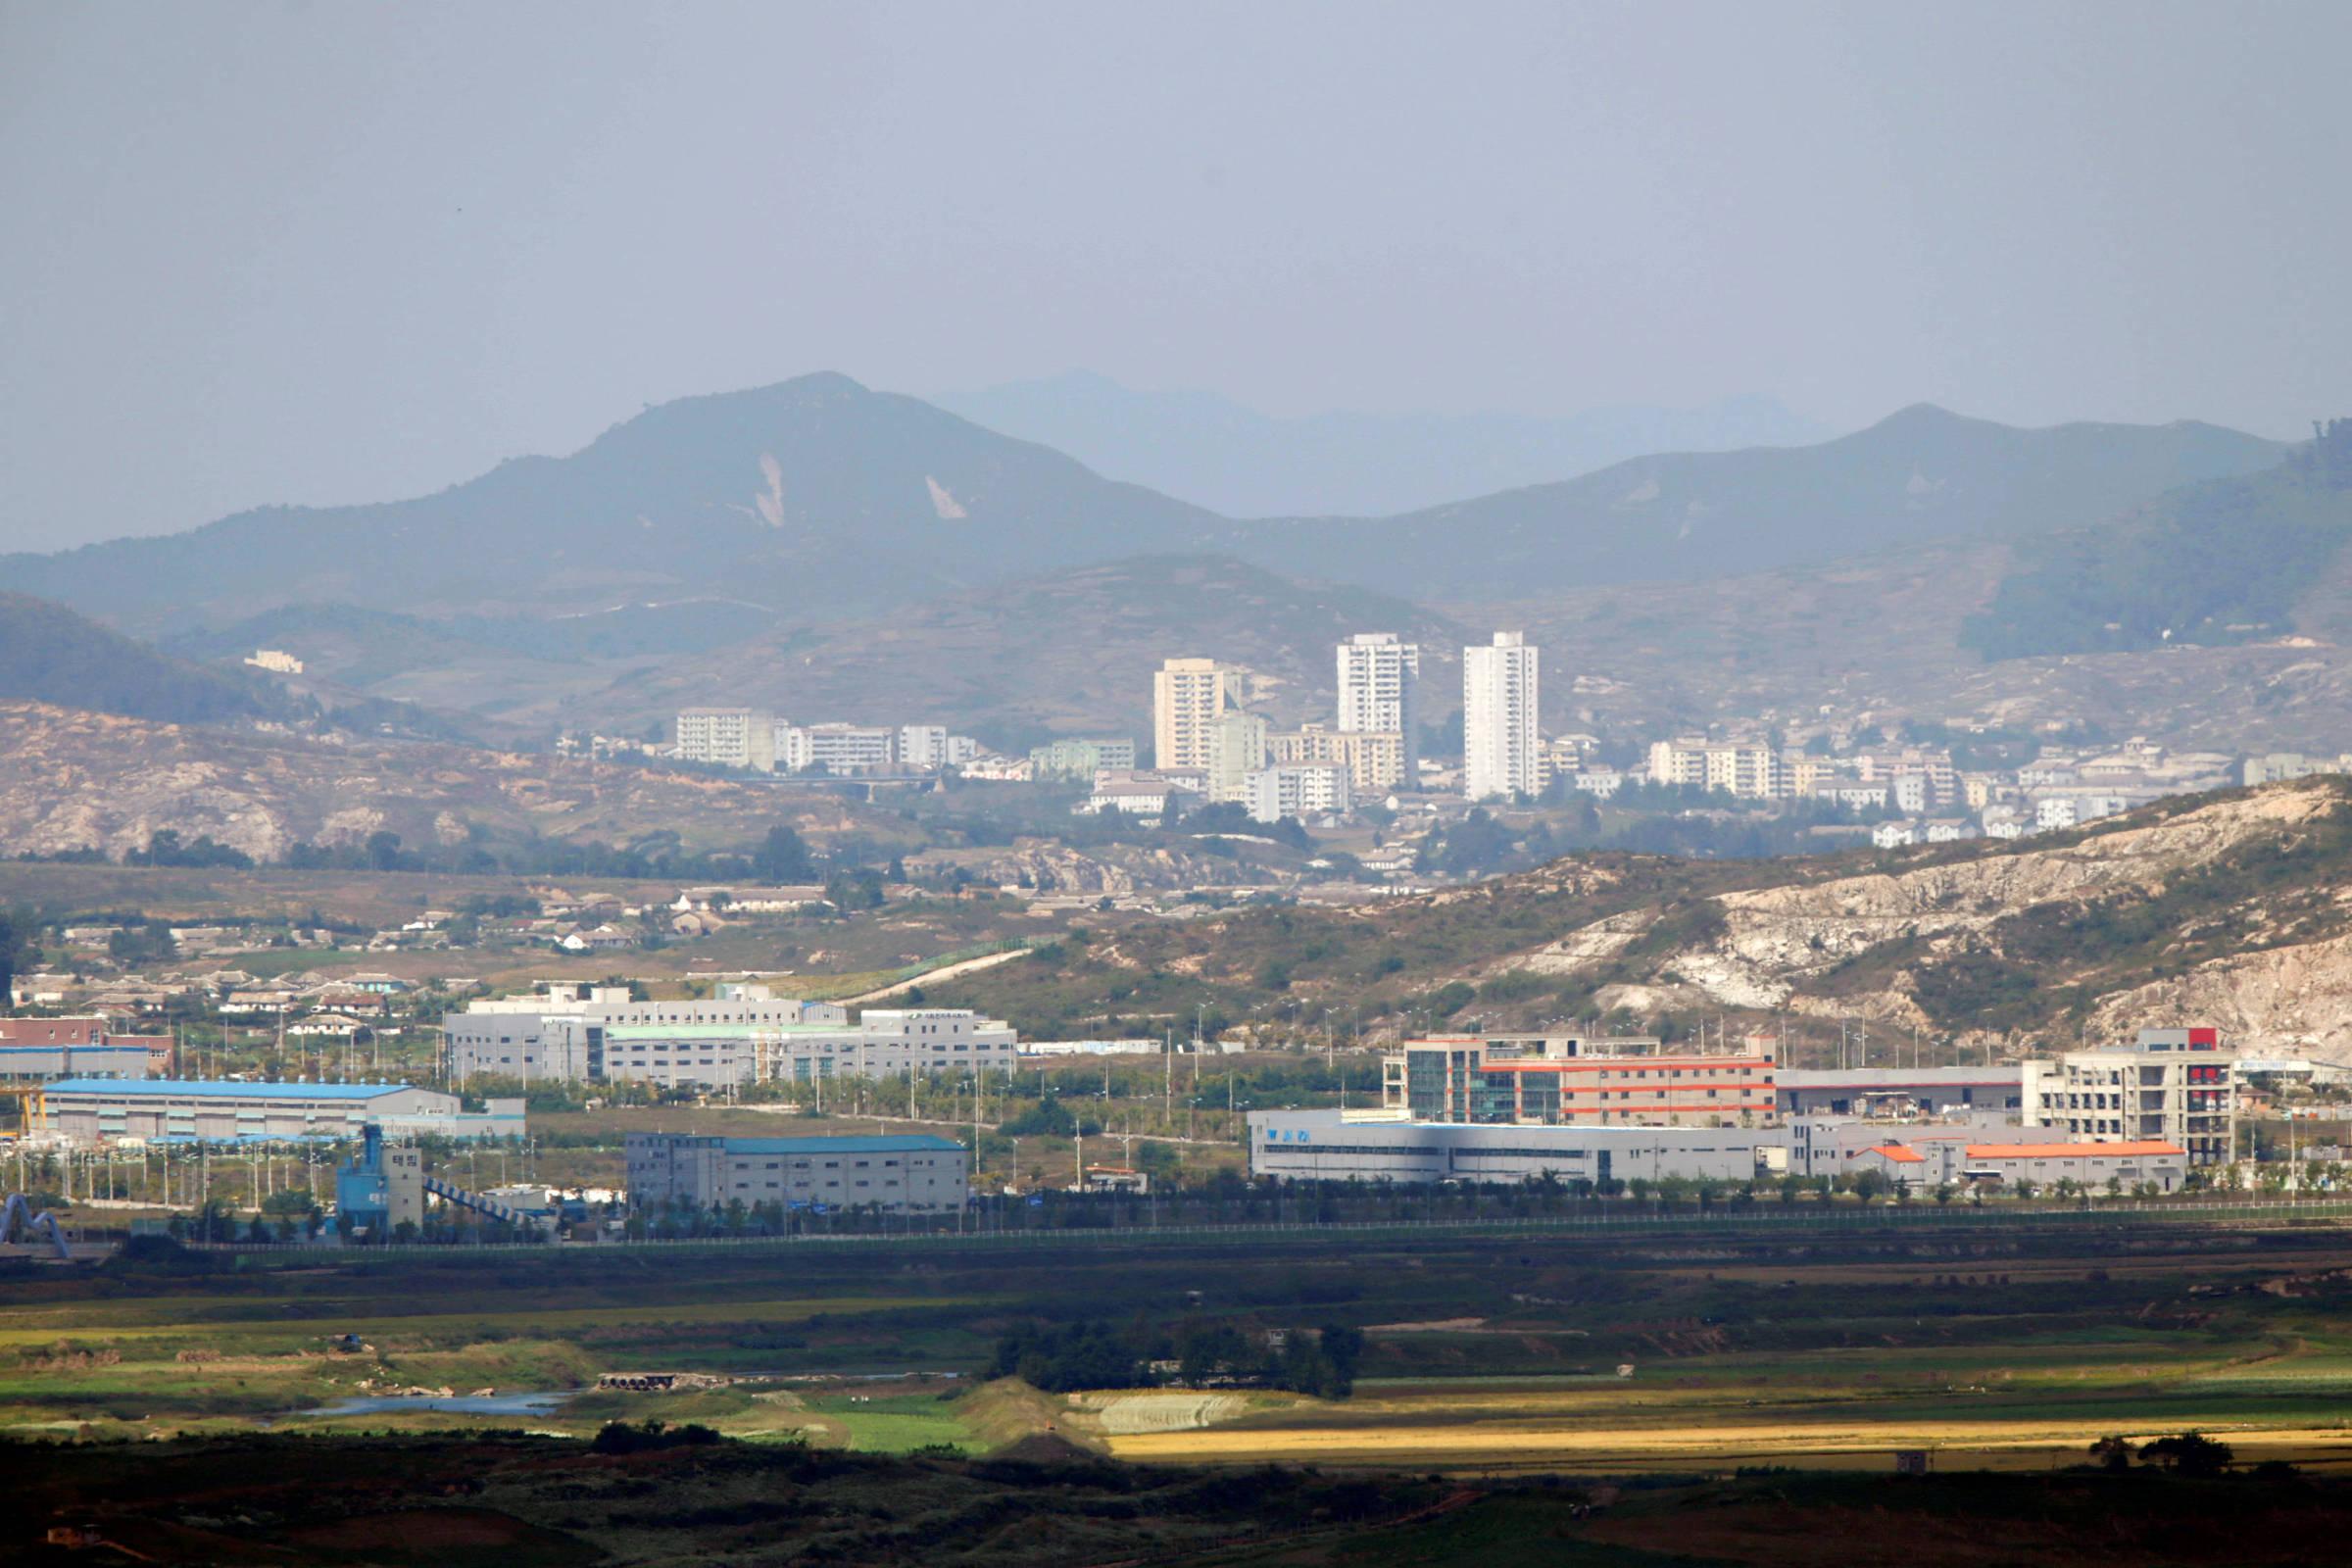 Coreia do Norte leva ajuda humanitária a cidade em quarentena, diz governo